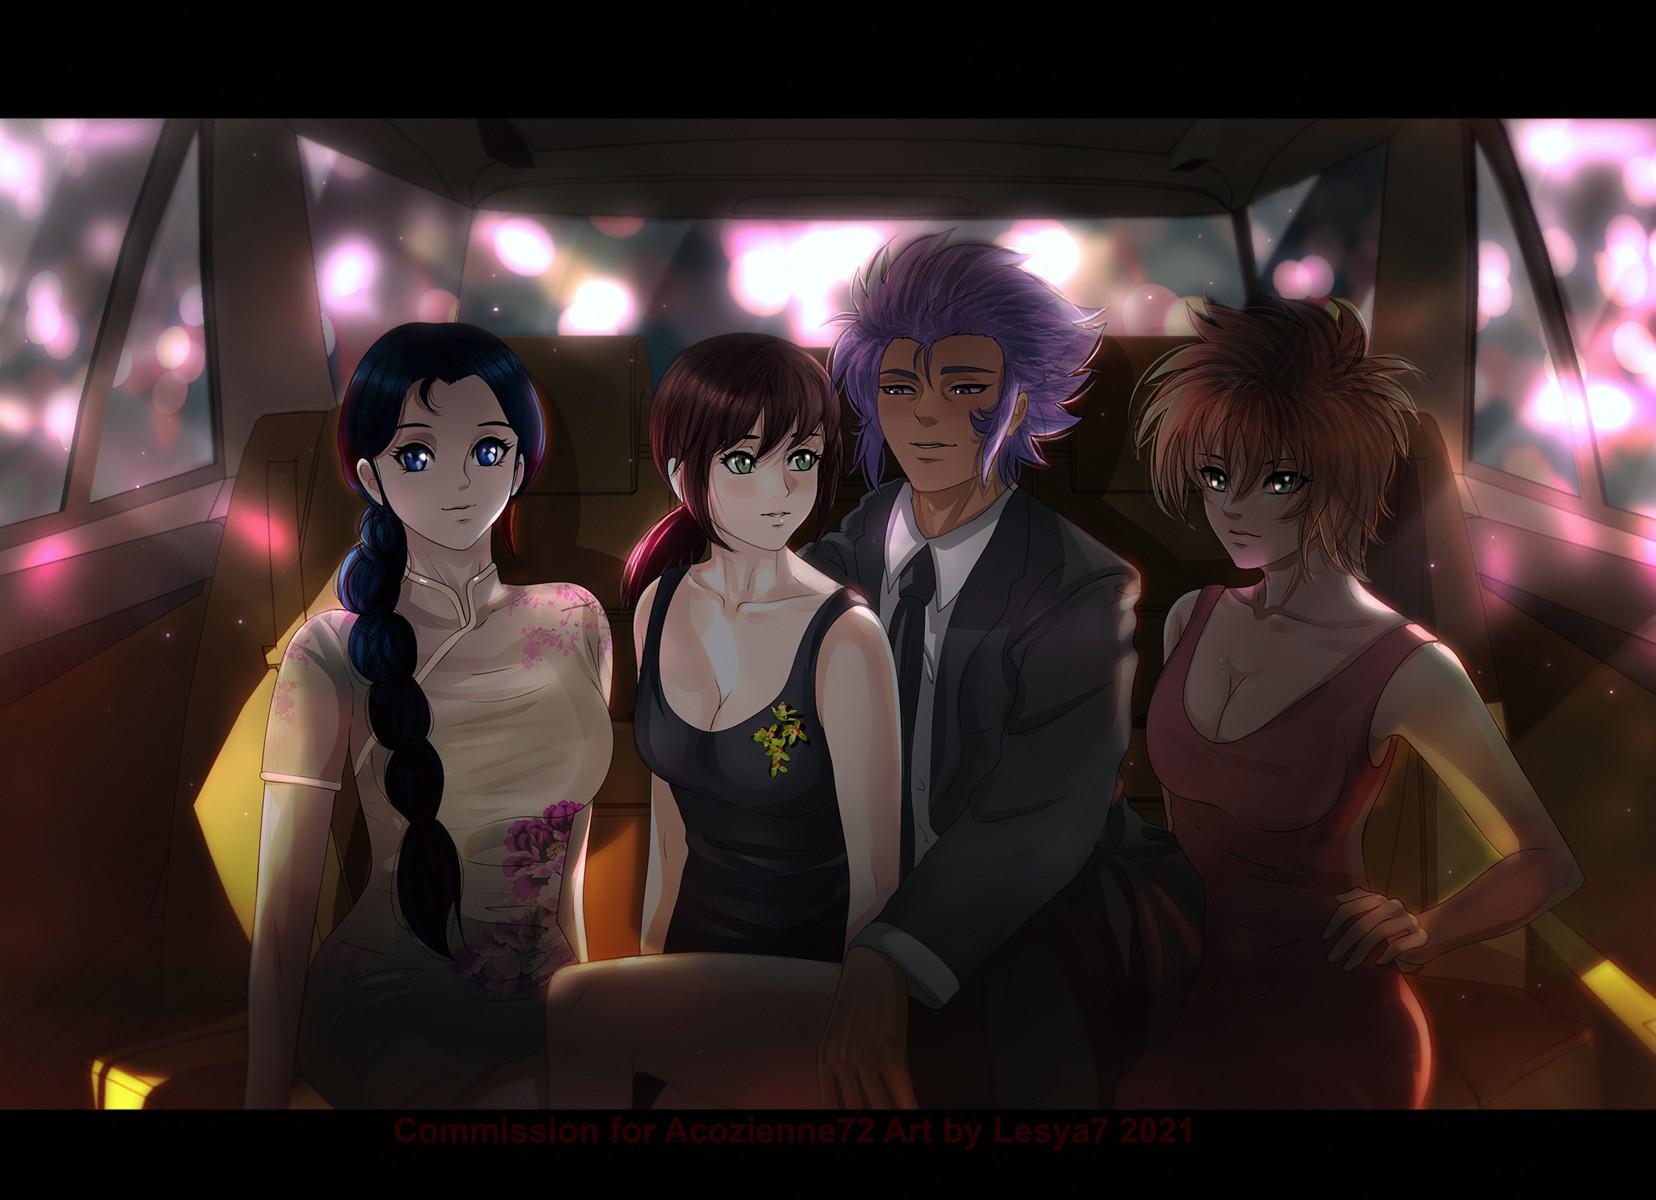 Saint Seiya award party ?